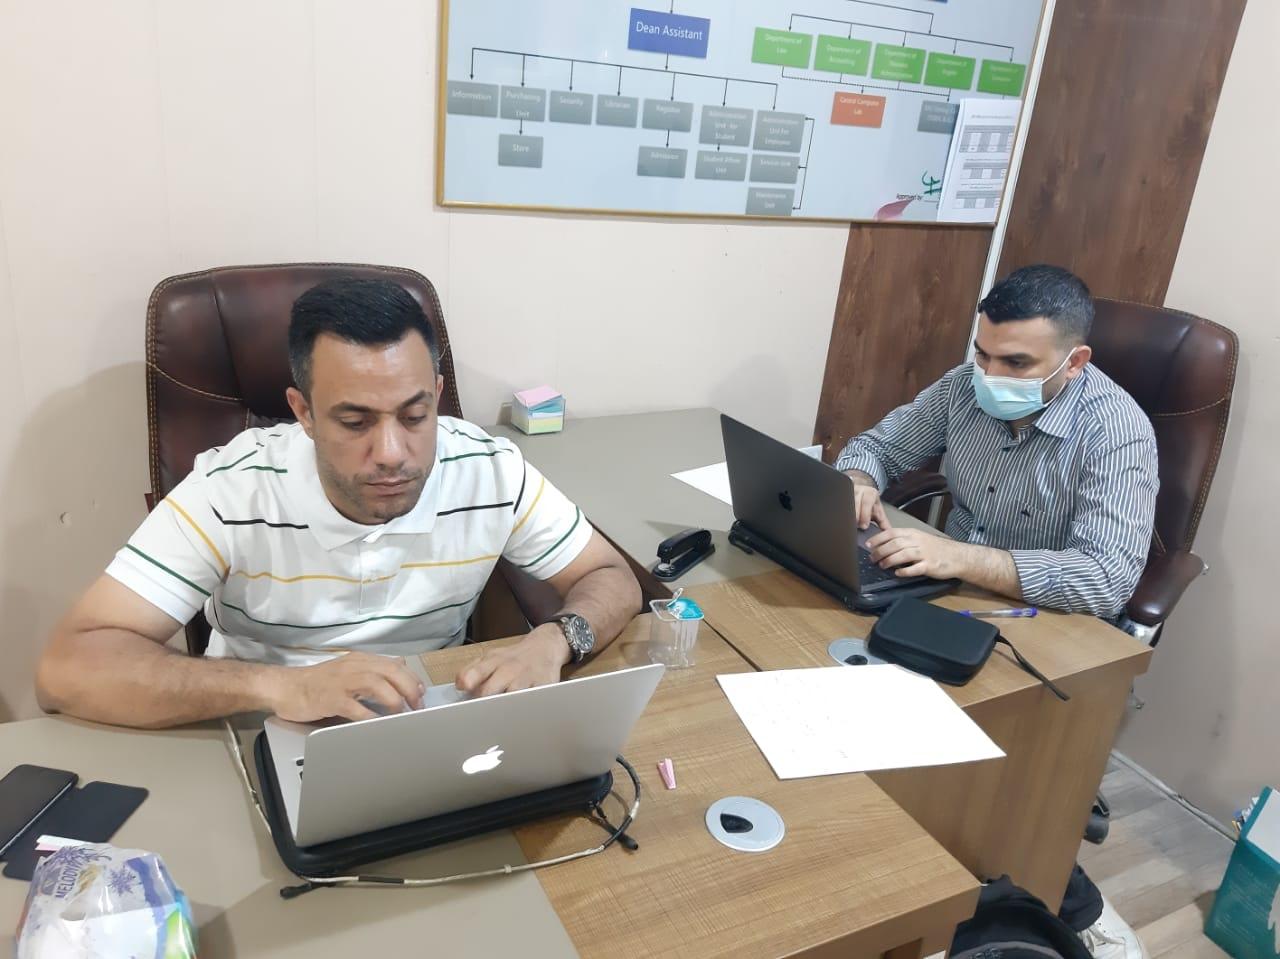 انطلاق الامتحانات الالكترونية في قسم علوم الحاسبات - كلية شط العرب الجامعة